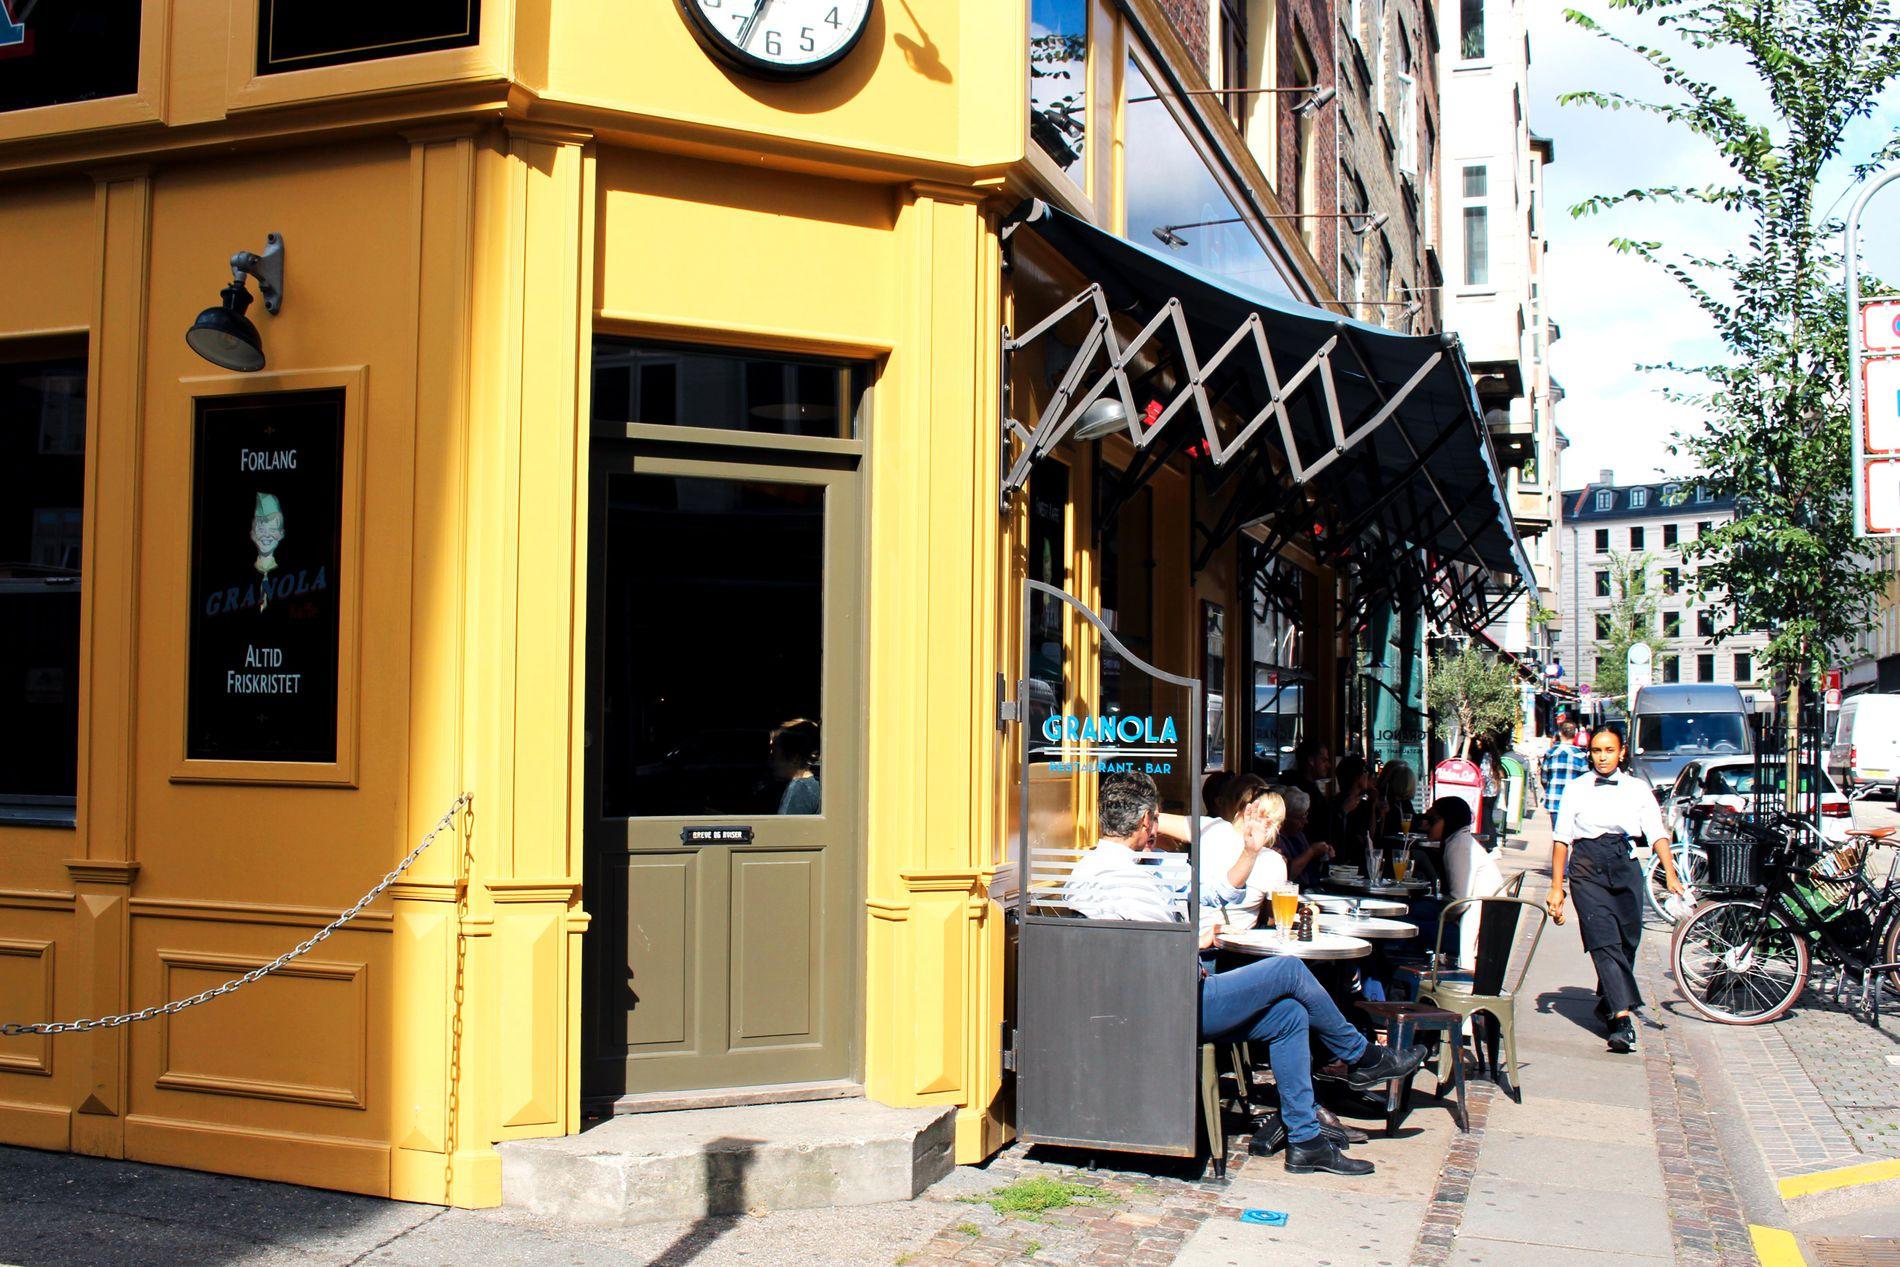 FRANSKE FØLELSER: Værnedamsvej i Vesterbro er en koselig, fransk gate. Vi inntok frokosten på Granola, men det finnes flere kafeer og restauranter å velge blant i gaten.